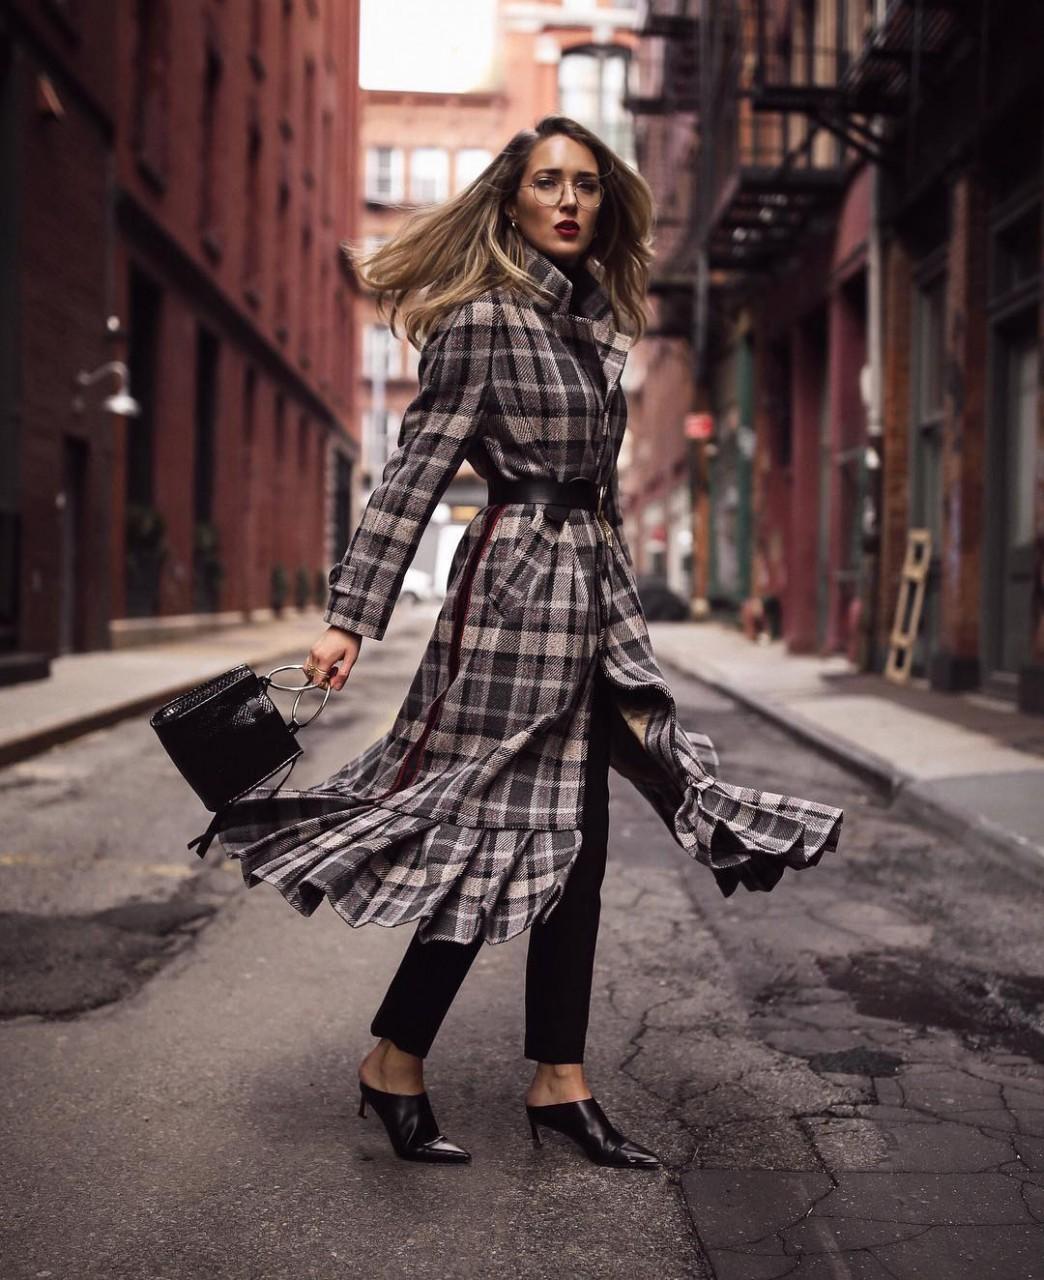 Тренды городской моды: модные образы на каждый день